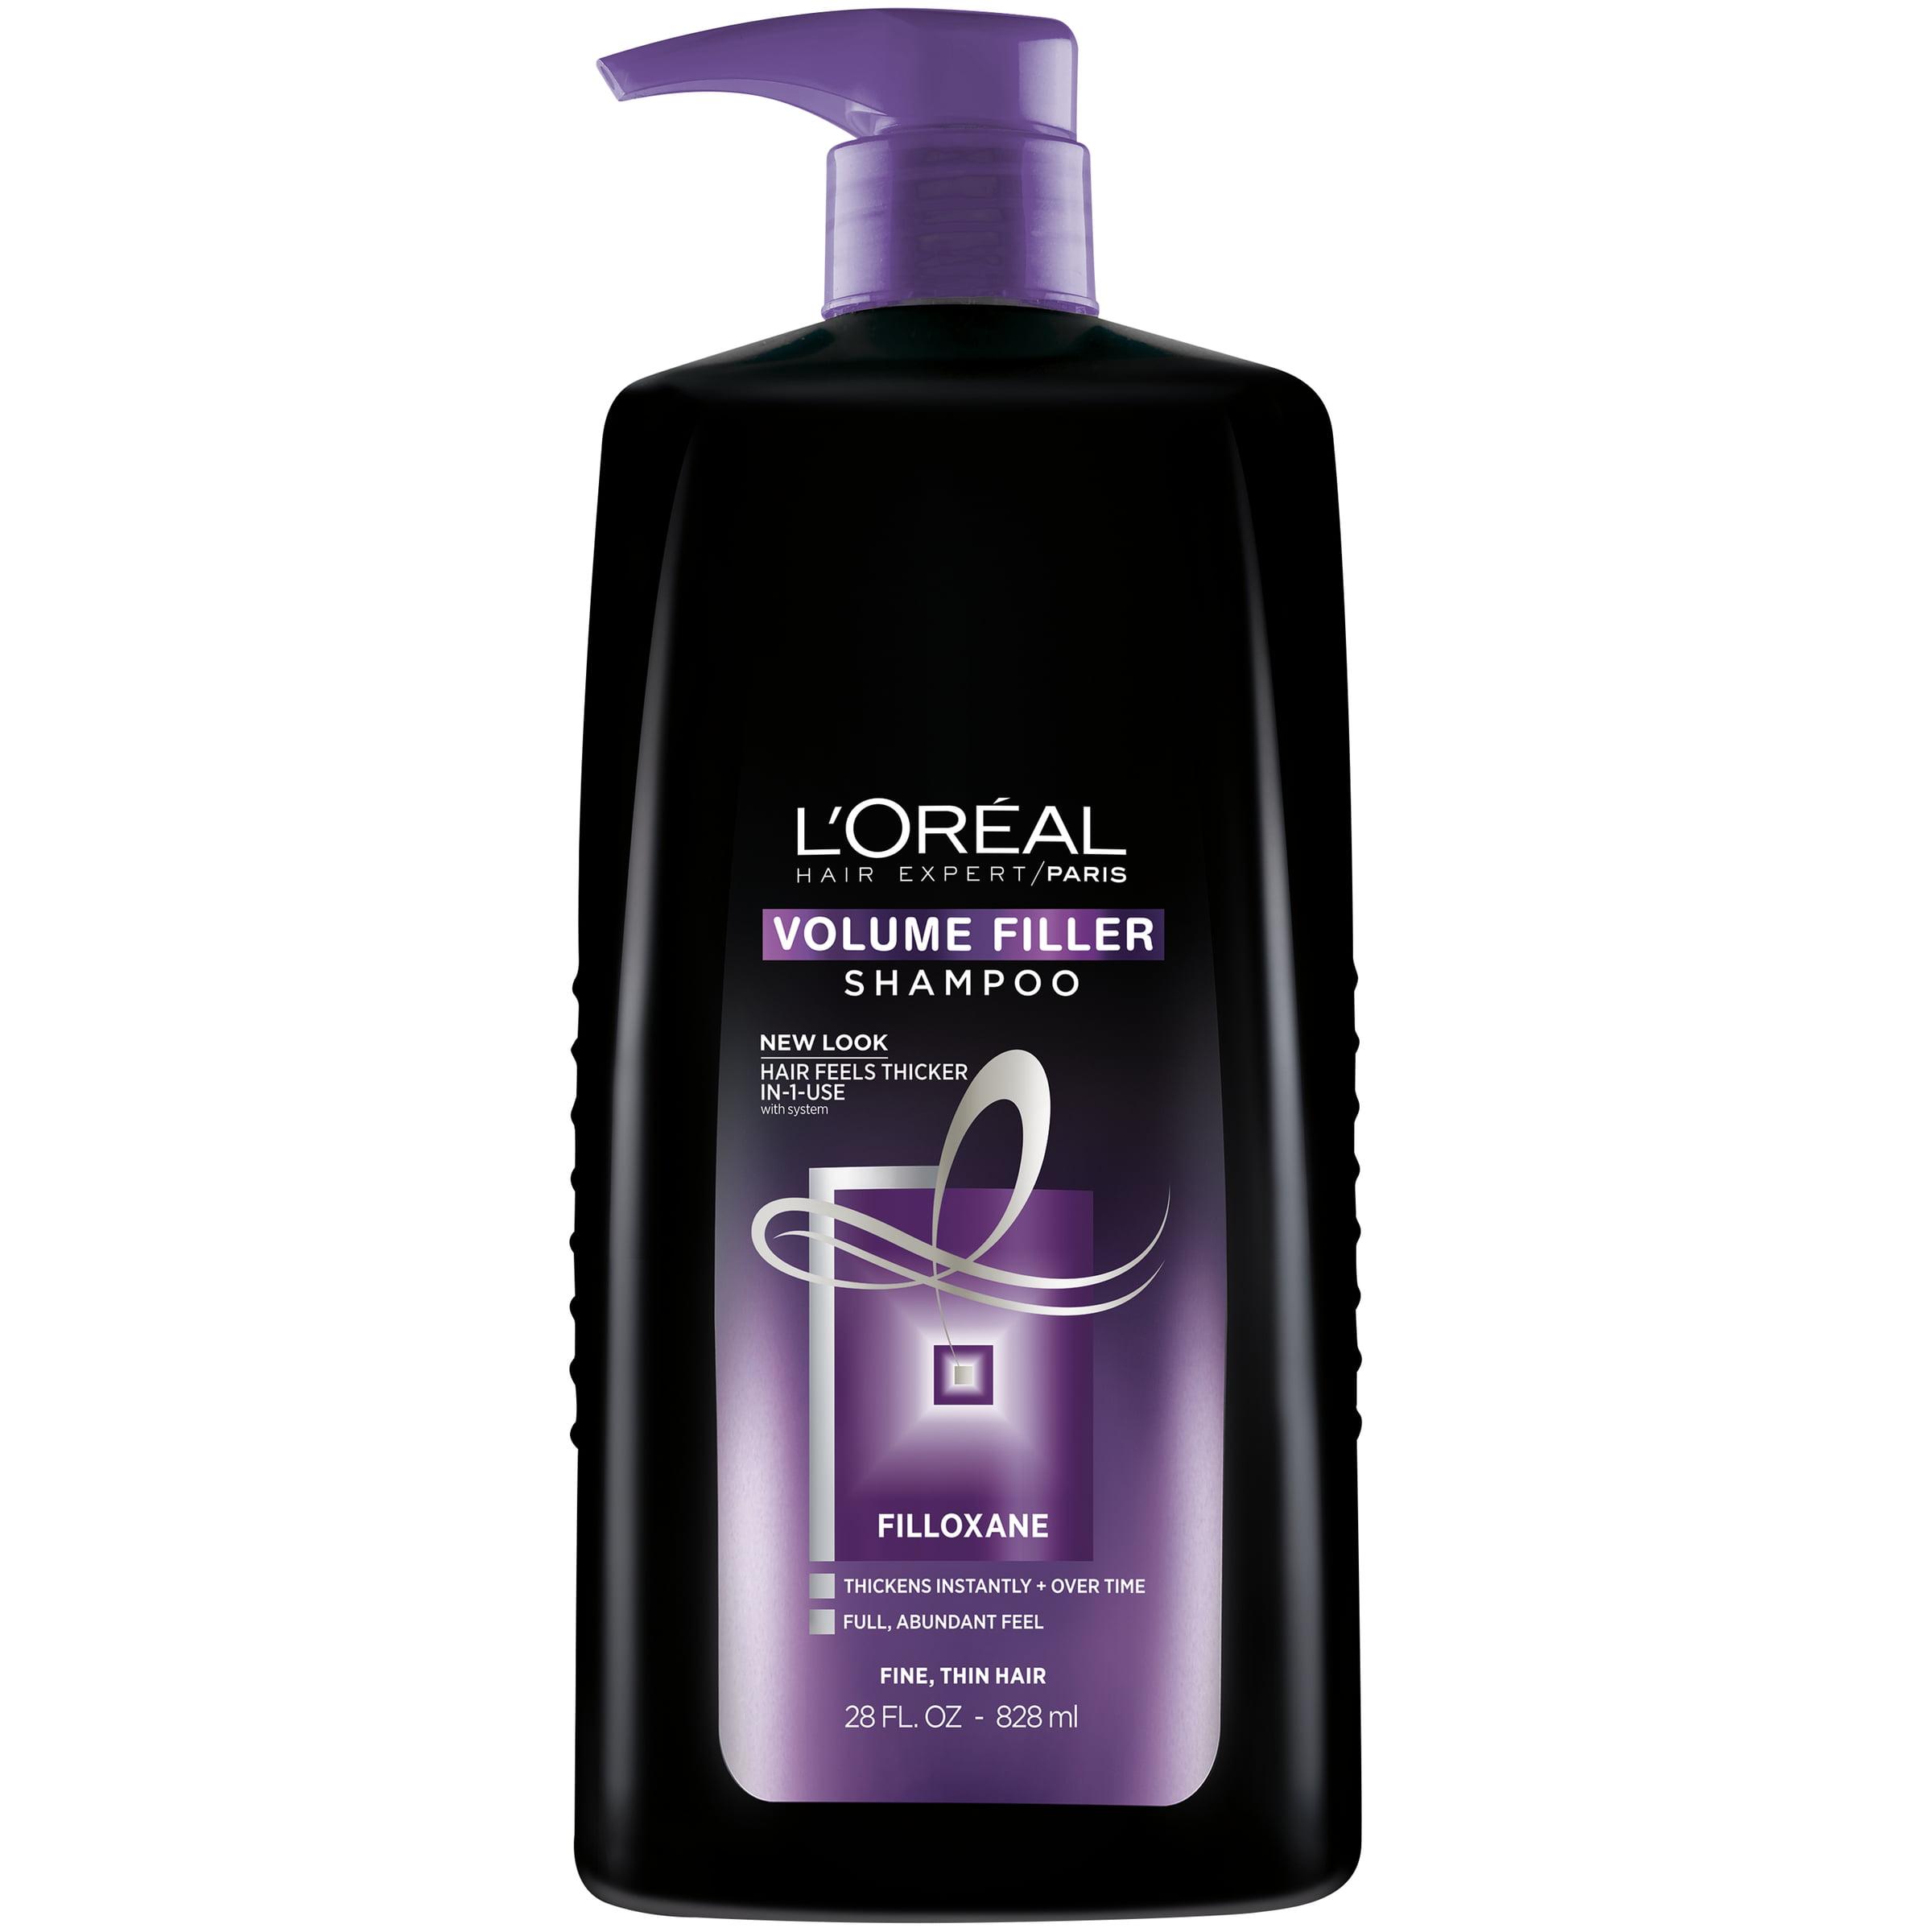 L'Oreal Paris Hair Expert Volume Filler Shampoo 28 fl. oz. Pump